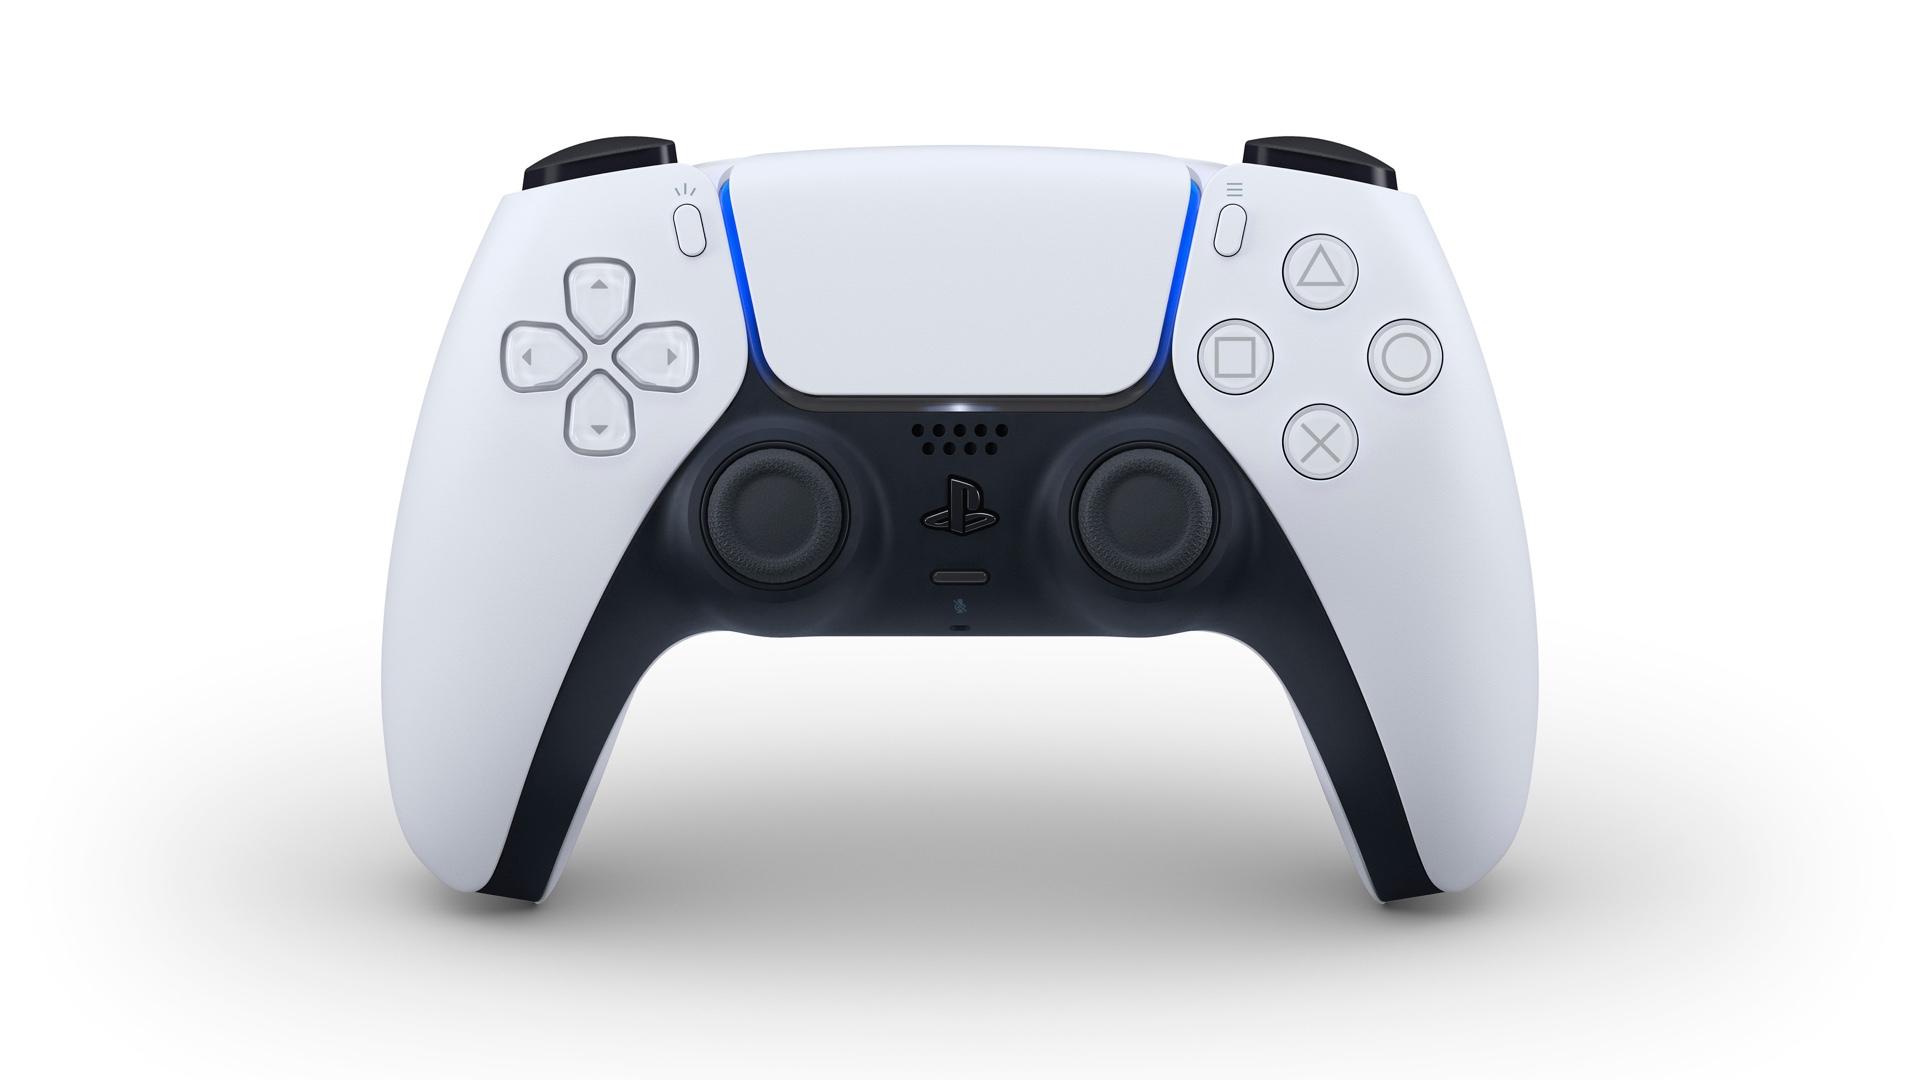 Reacciones del controlador PlayStation 5: DualSense despierta emoción, comparación con Xbox 77